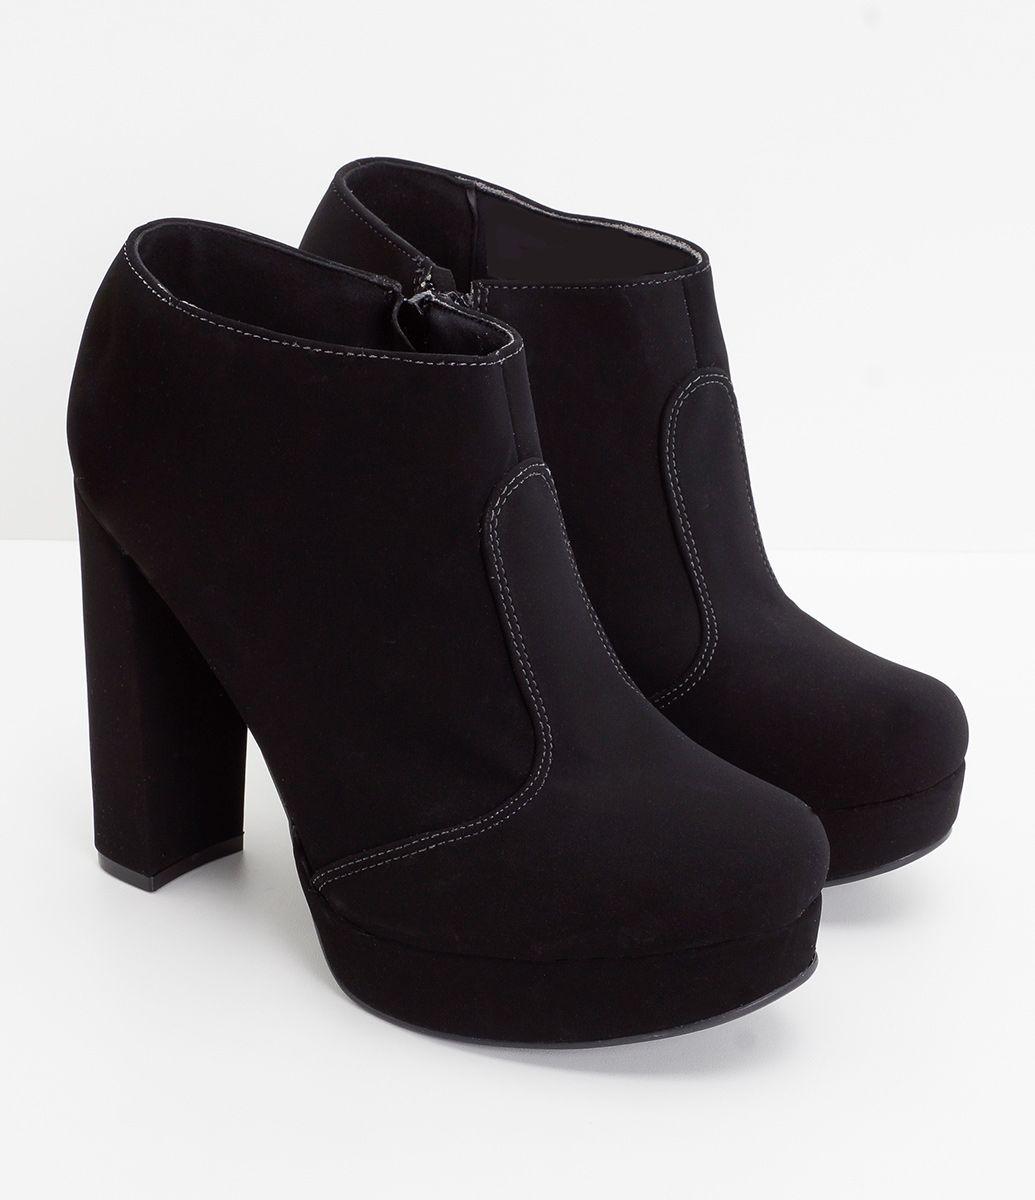 4ccbb439d Bota feminina Material  sintético Meia pata Marca  Satinato Com cano curto  COLEÇÃO INVERNO 2017 Veja outras opções de botas femininas.